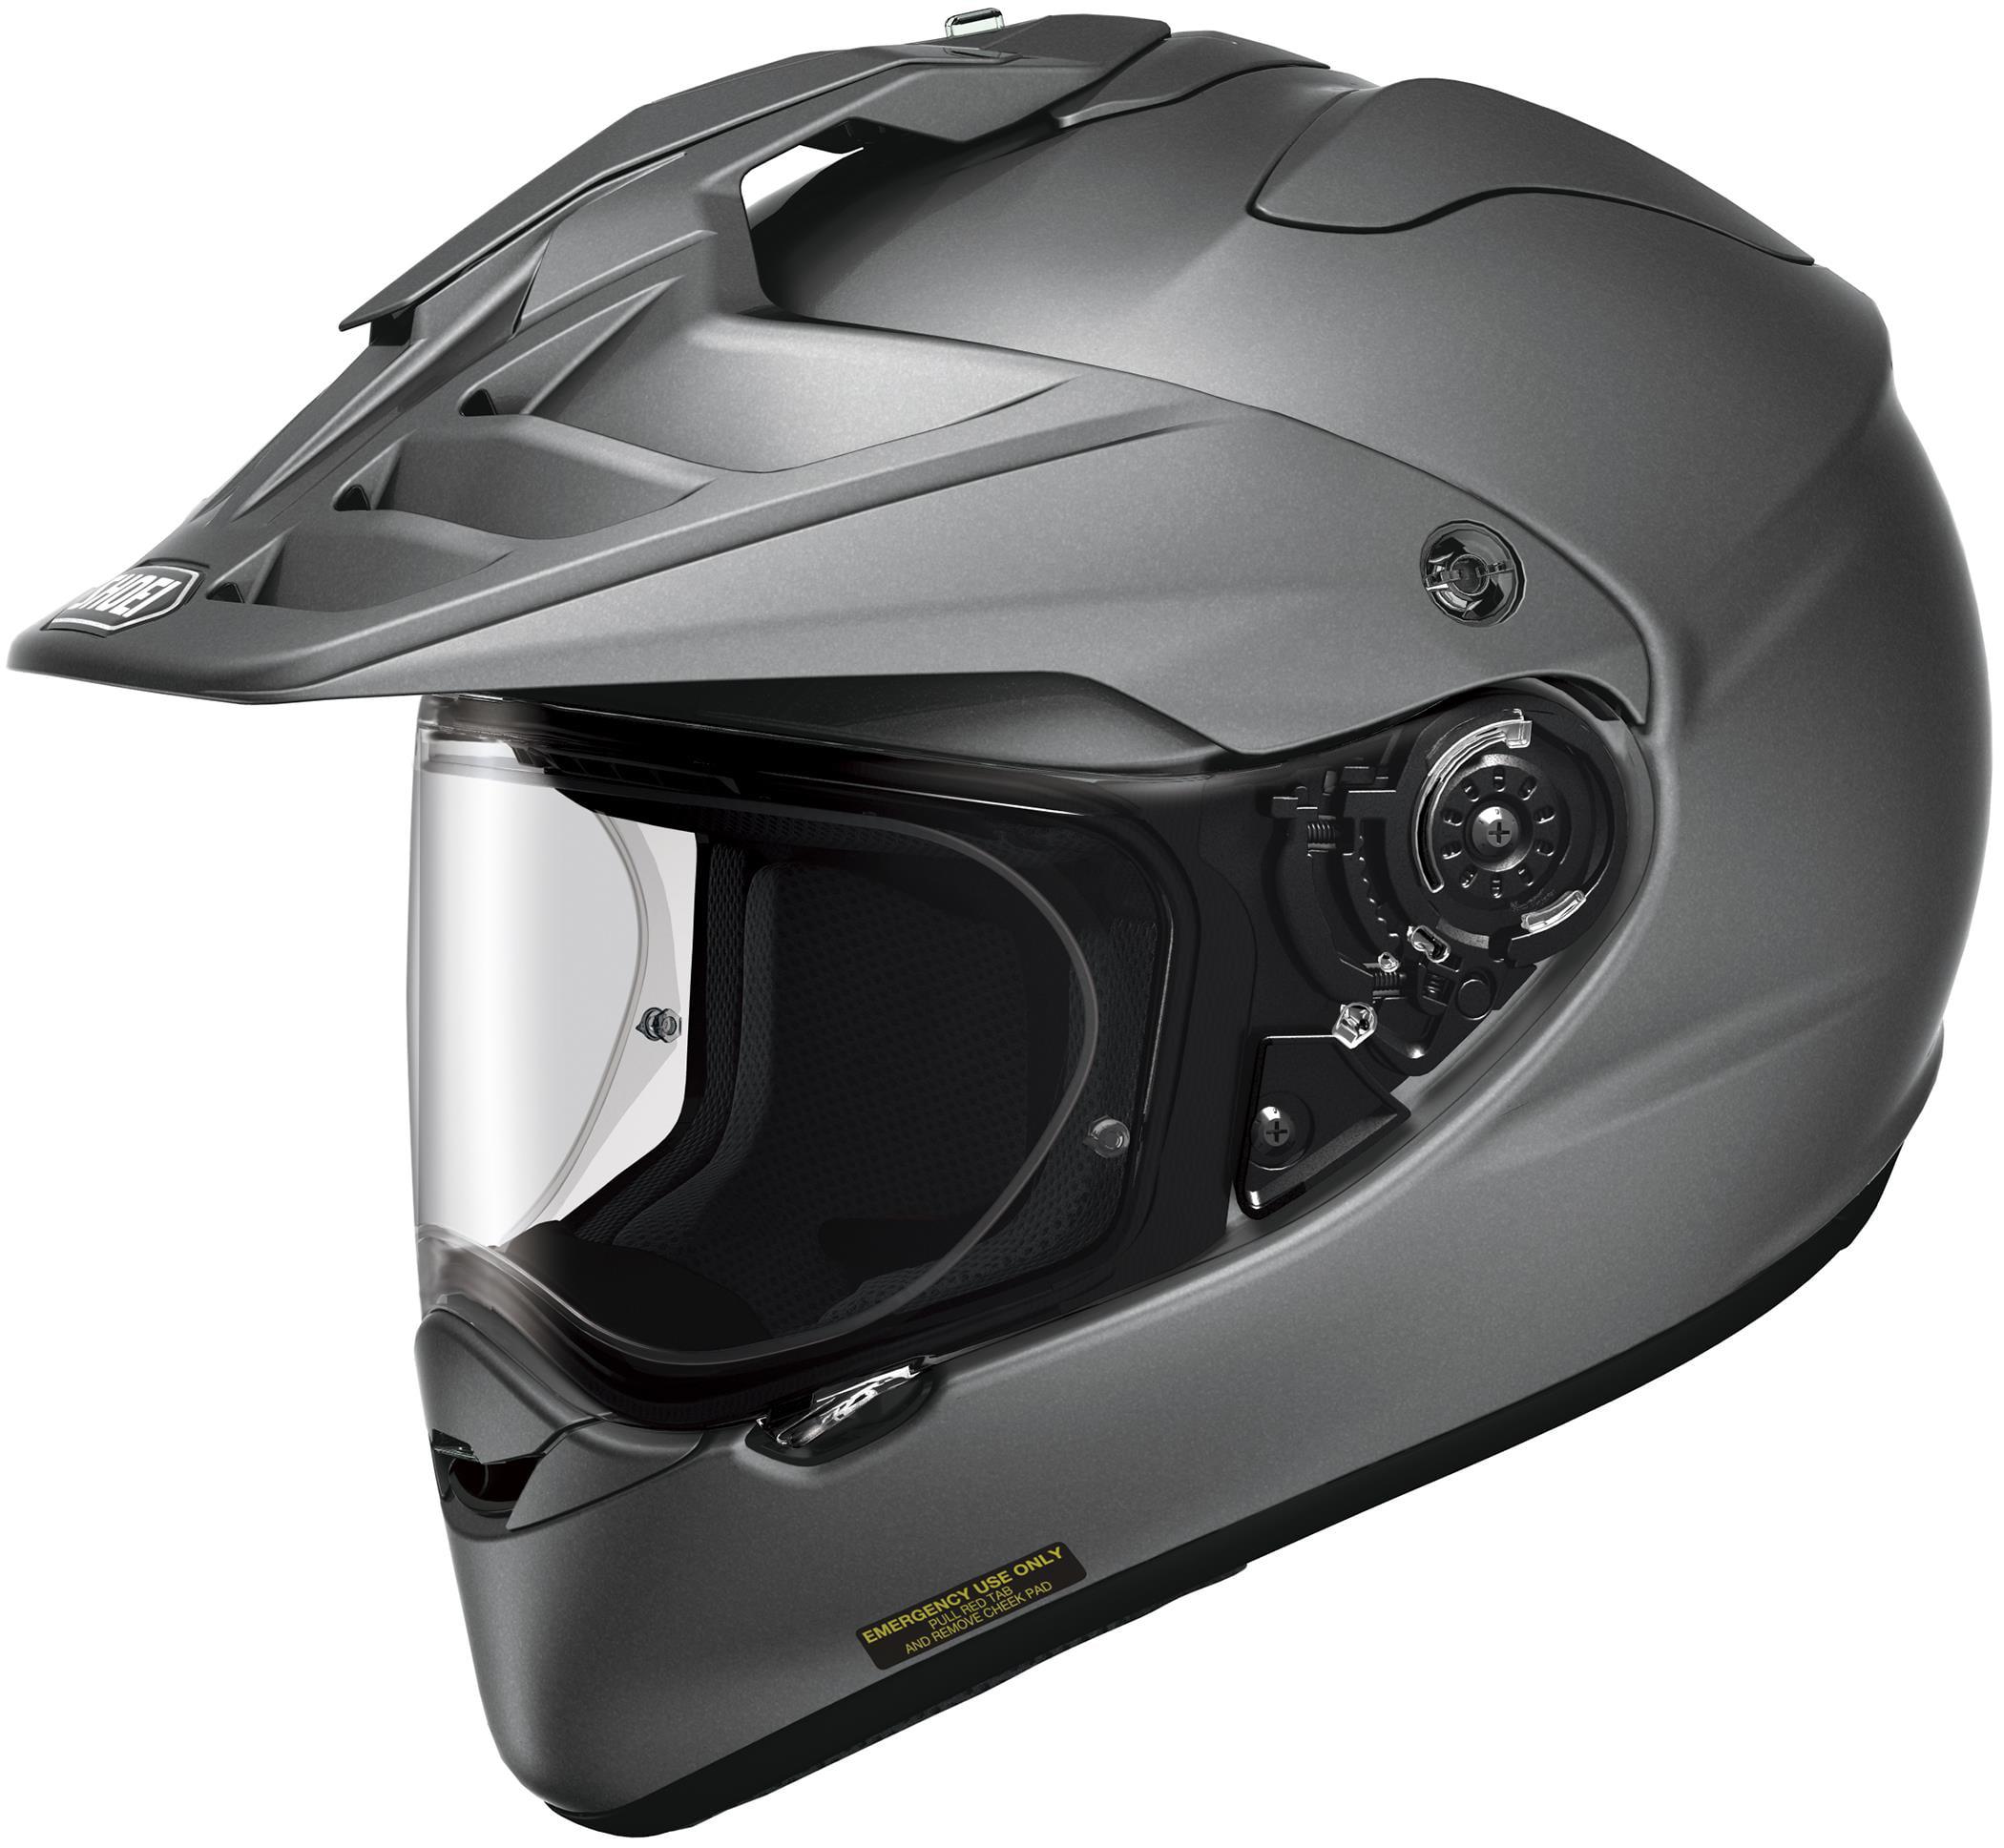 Shoei Hornet X2 Adventure Solid Helmetssssssssssssssssssssss